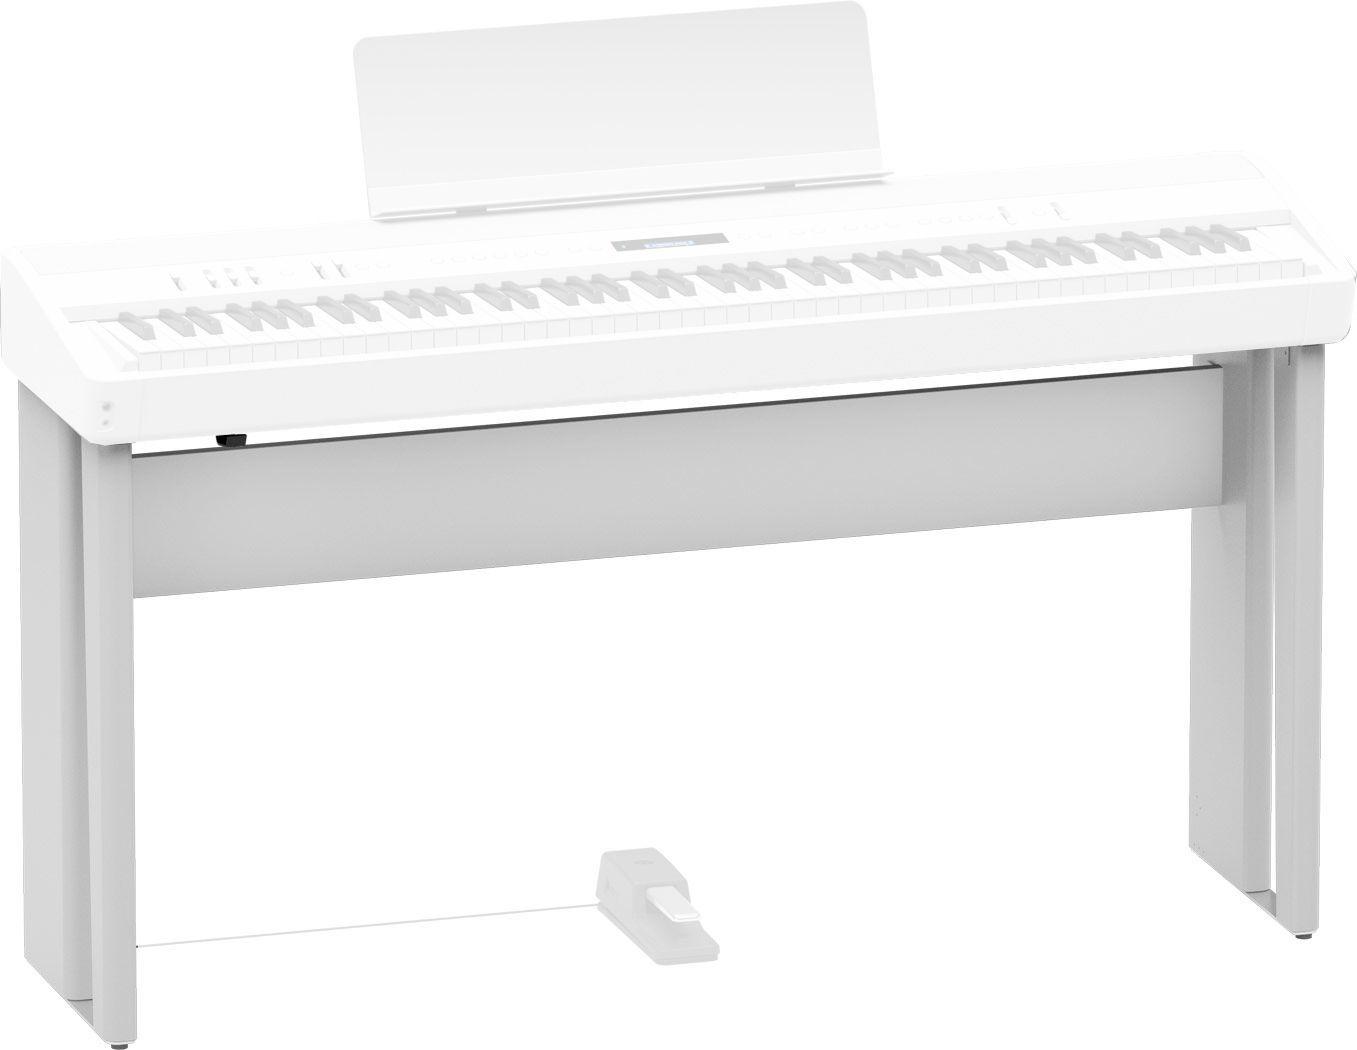 Roland KSC-90-WH Untergestell weiß für FP-90 Stagepiano -